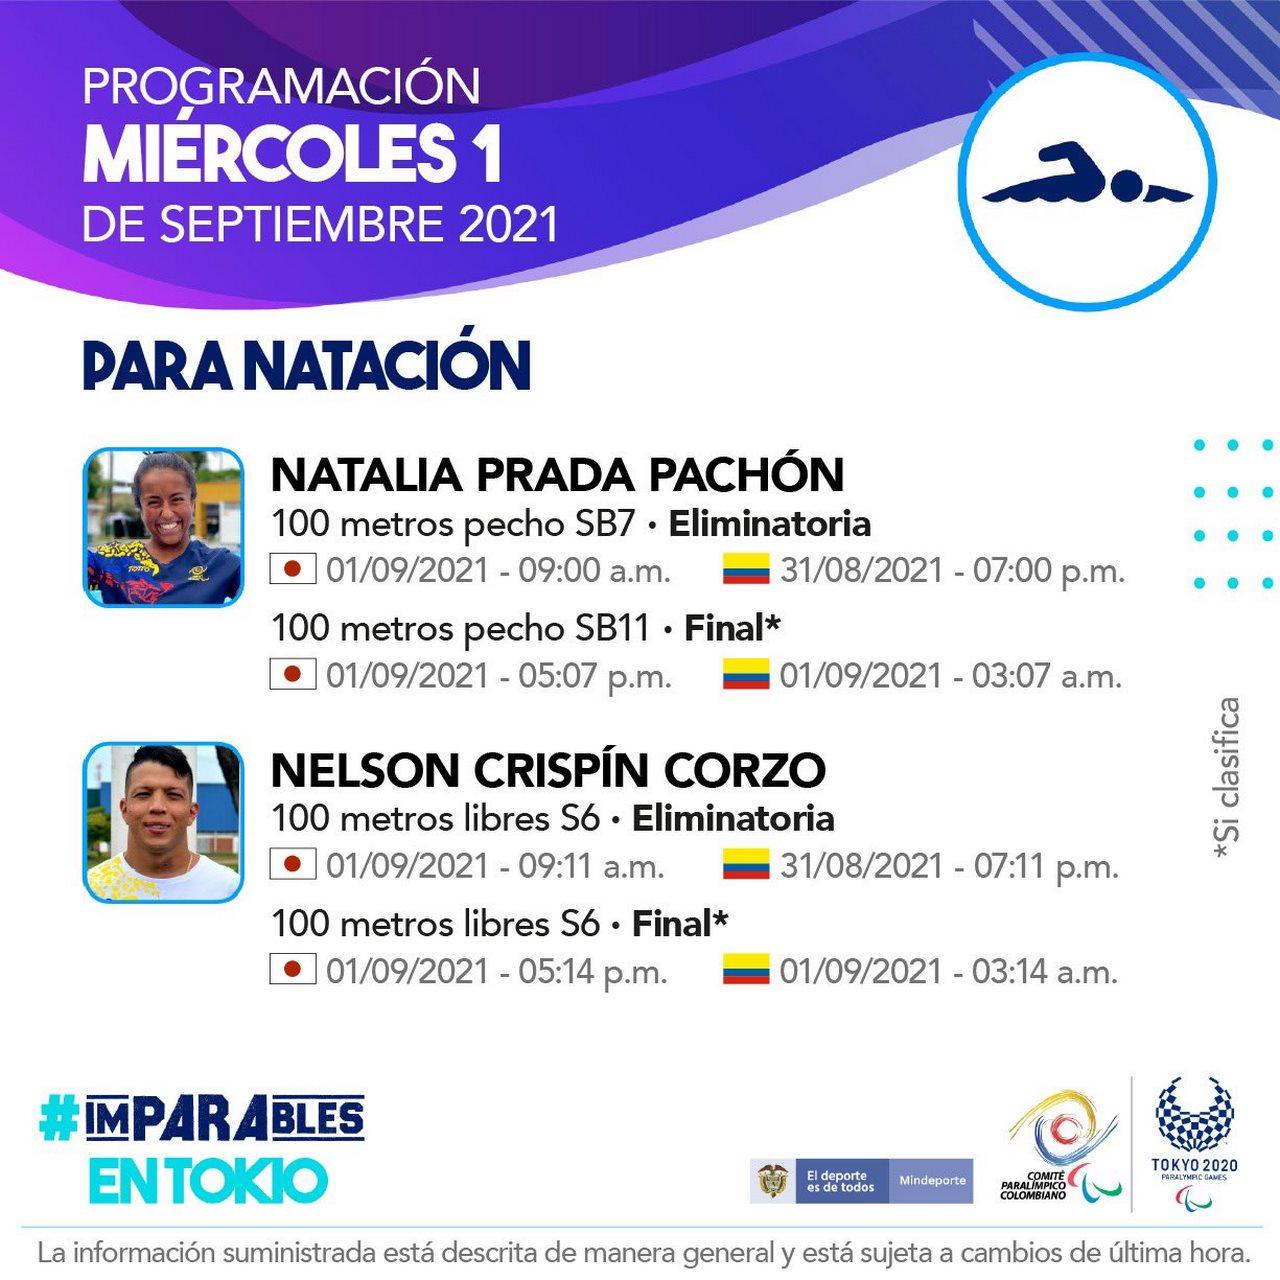 Programacion deportistas colombianos en la octava jornada de los Juegos Paralimpicos 2